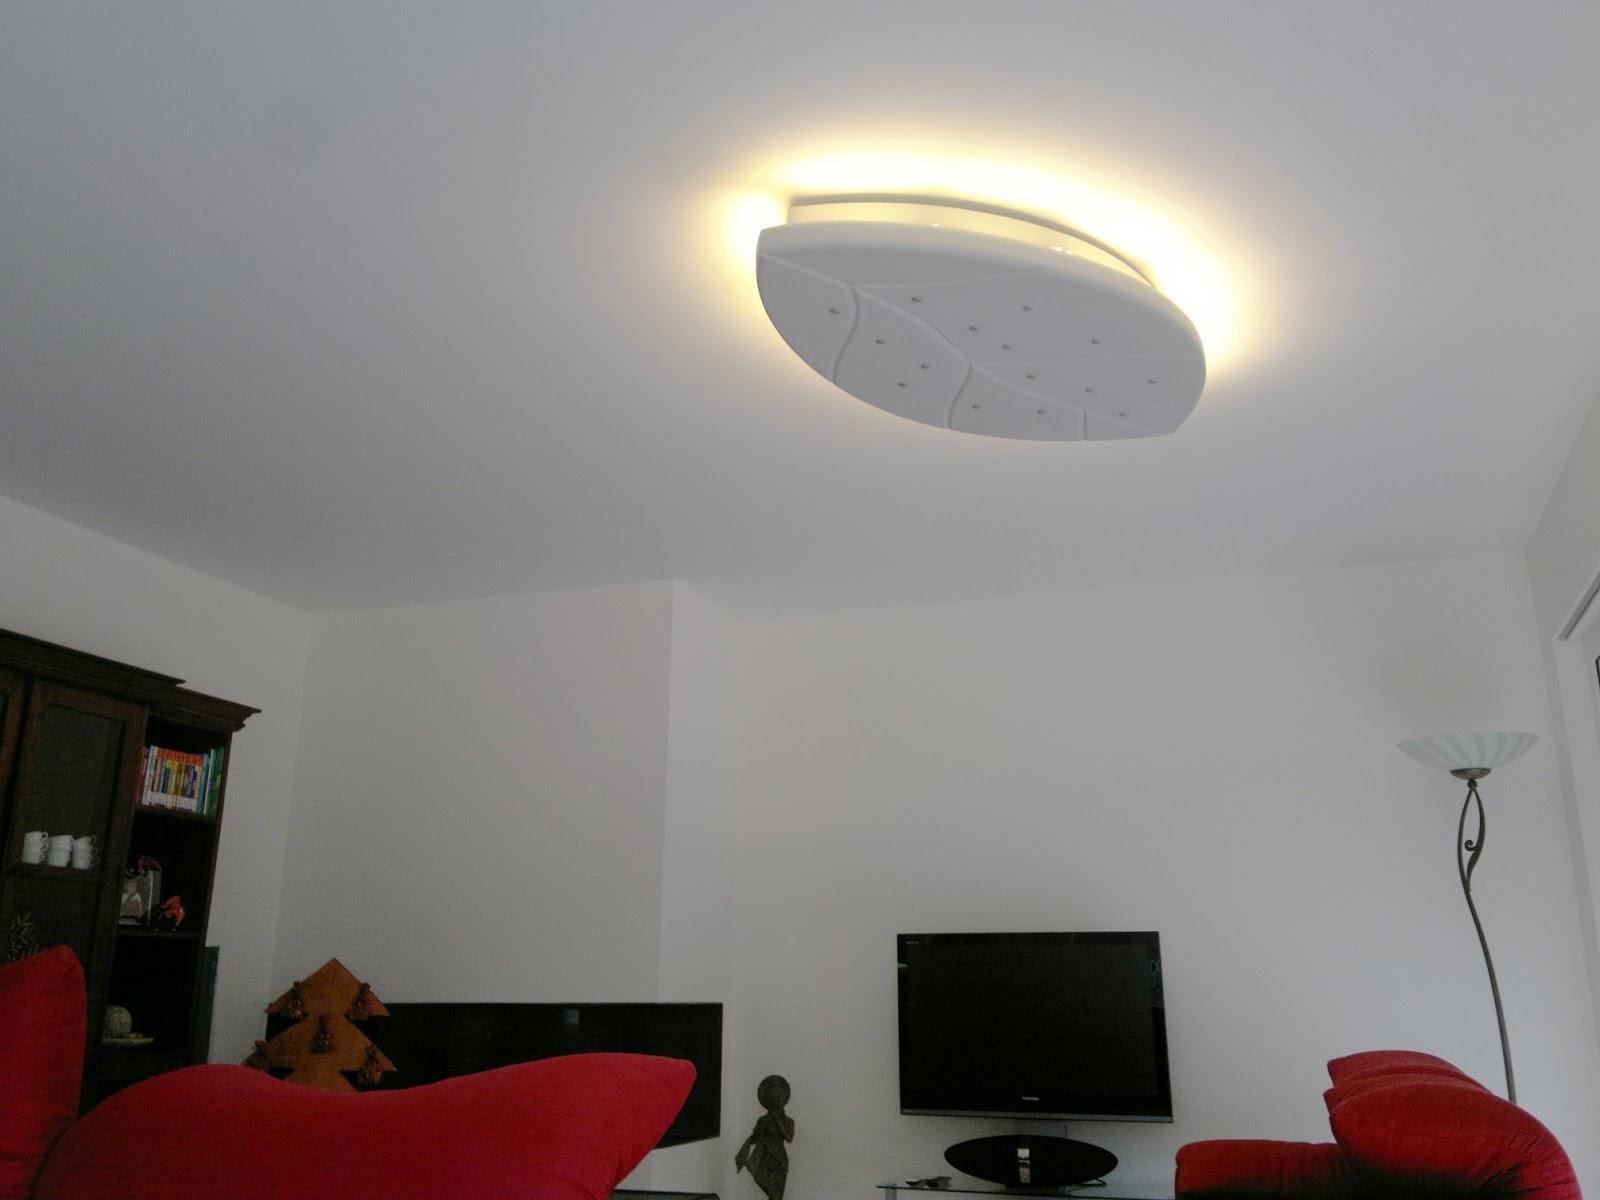 Braga lampadari vendita lampadari brescia cool lampadario pzh e